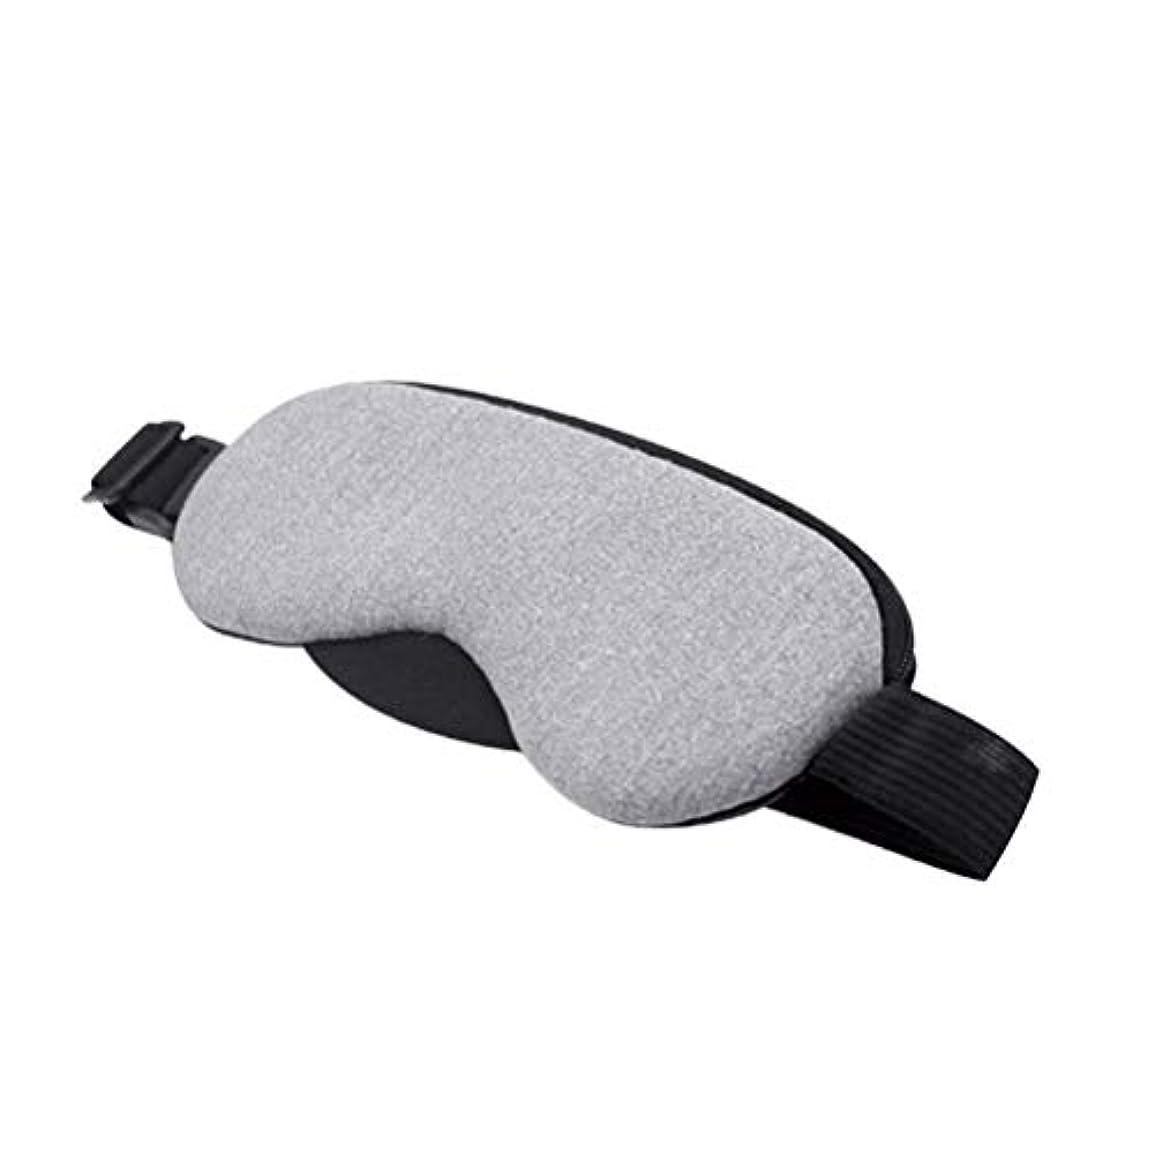 時制いつか理想的にはHEALIFTY アイマスクUSBヒートホットスチームアイマスクは、パフの目を癒すために設計されています。ダークサークルアイドライアイブライトフィリストストレスフィニッシュアイ(グレーフレグランスフリー)